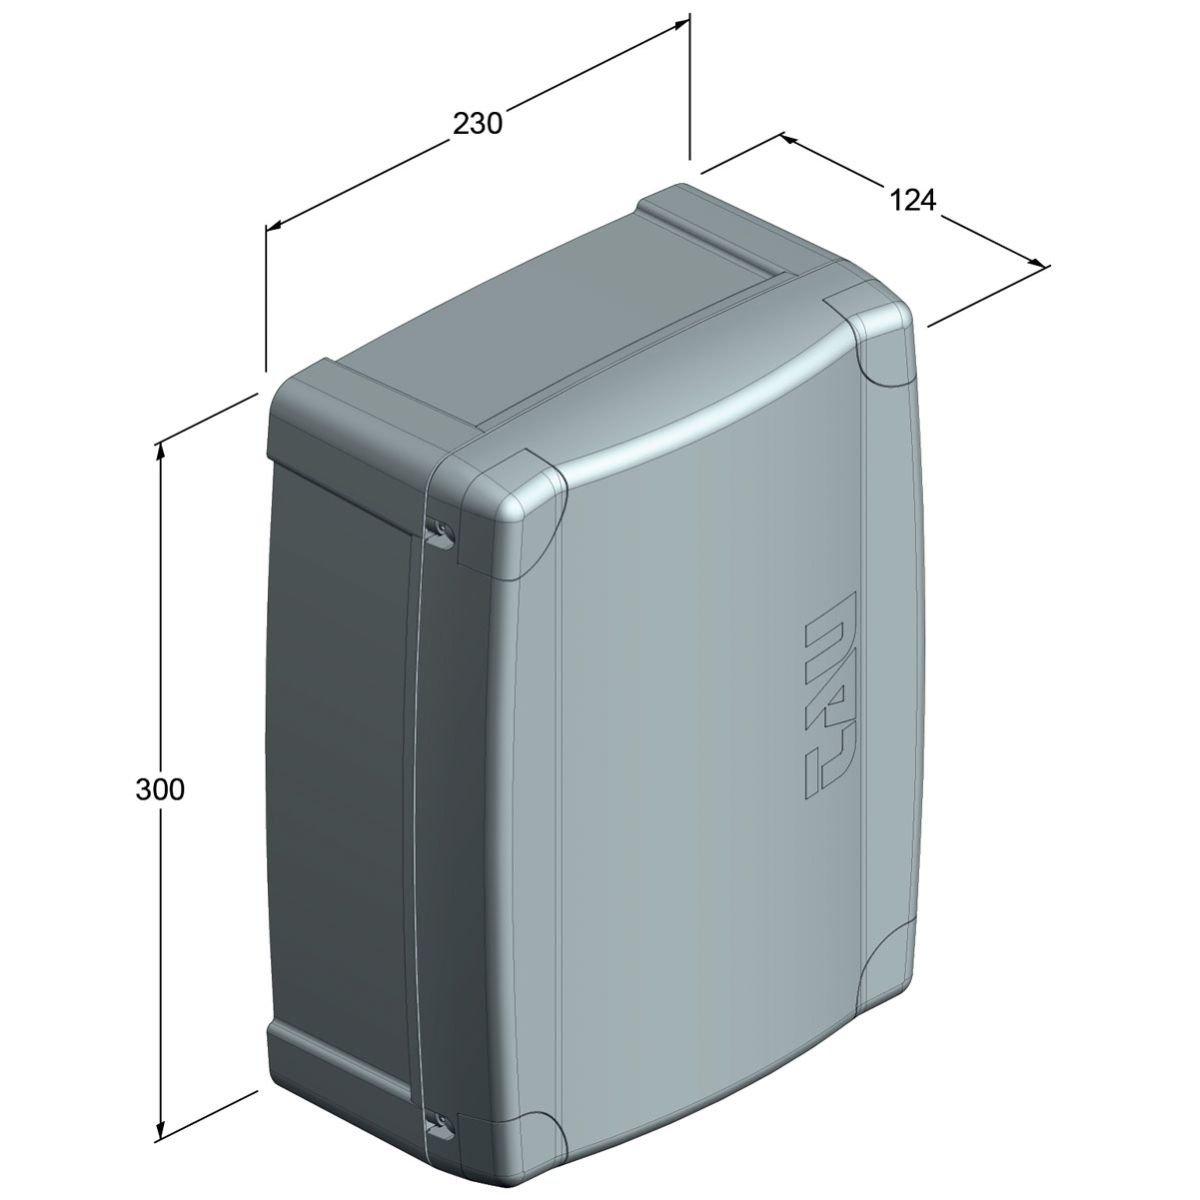 drehtorantrieb unterflur r18 1 fl gelig endanschl ge f r auf und zu am antrieb einstellbar. Black Bedroom Furniture Sets. Home Design Ideas